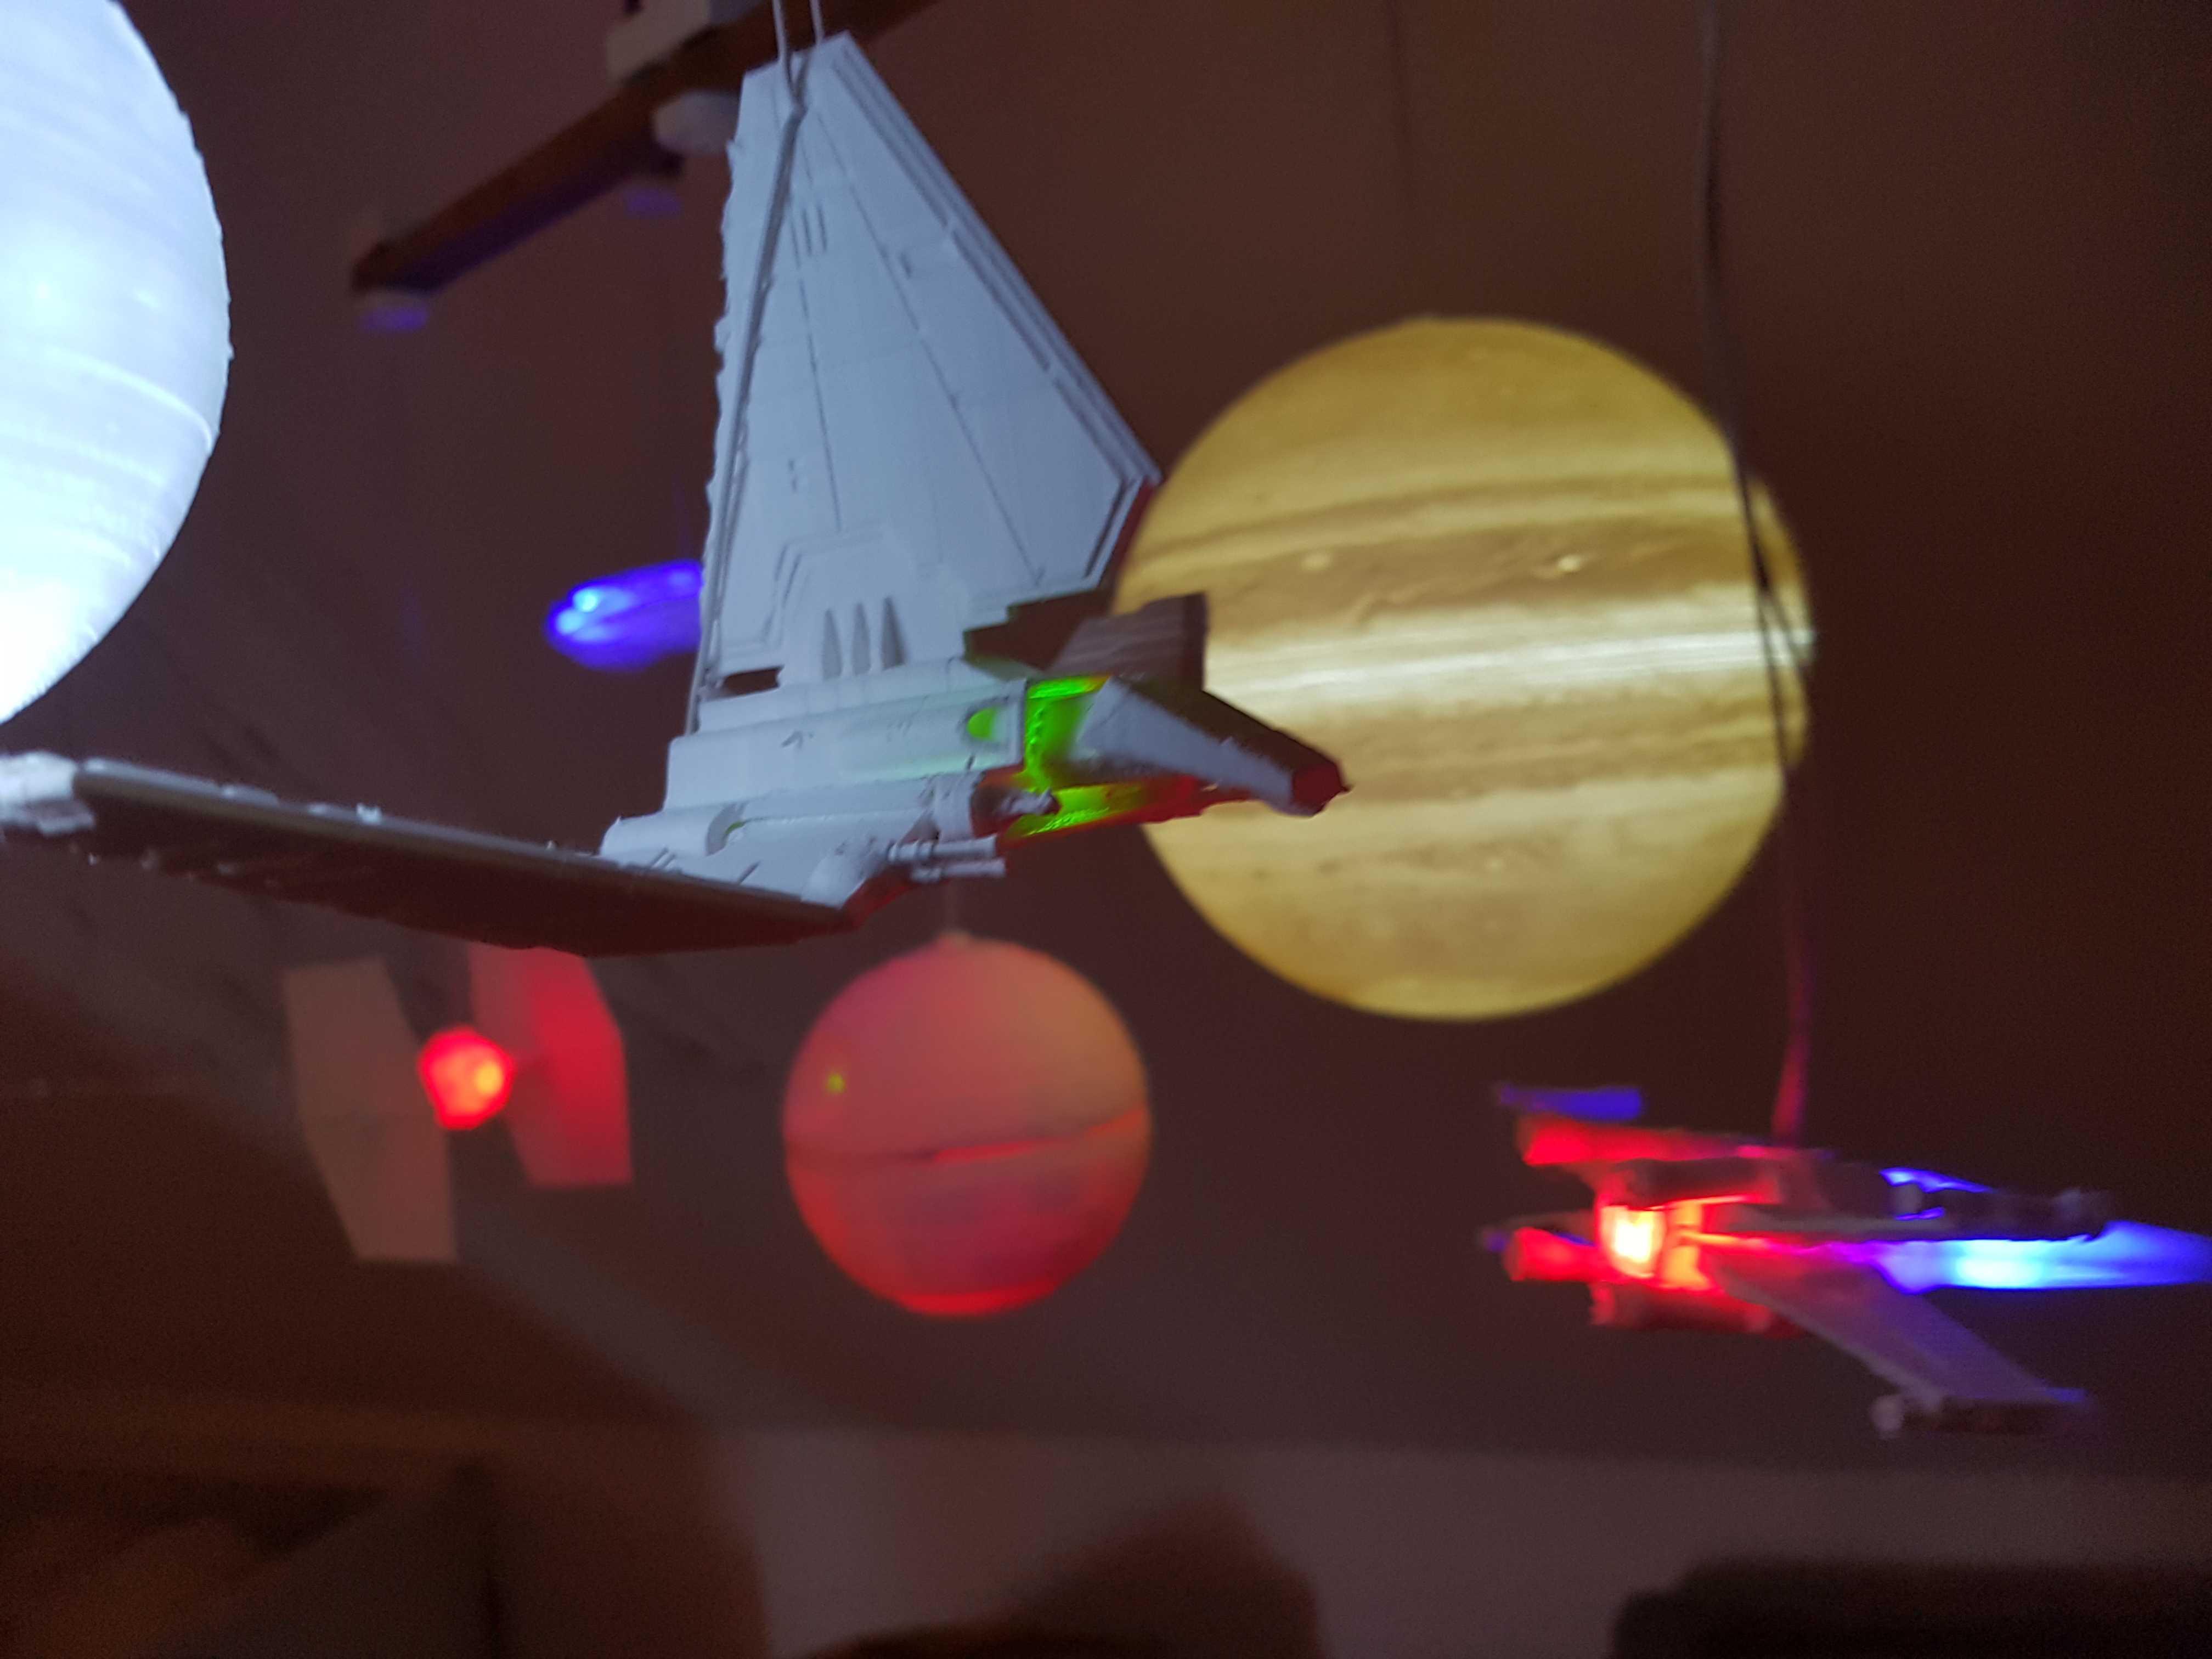 Mobile mit beleuchteten Raumschiffen und Planeten